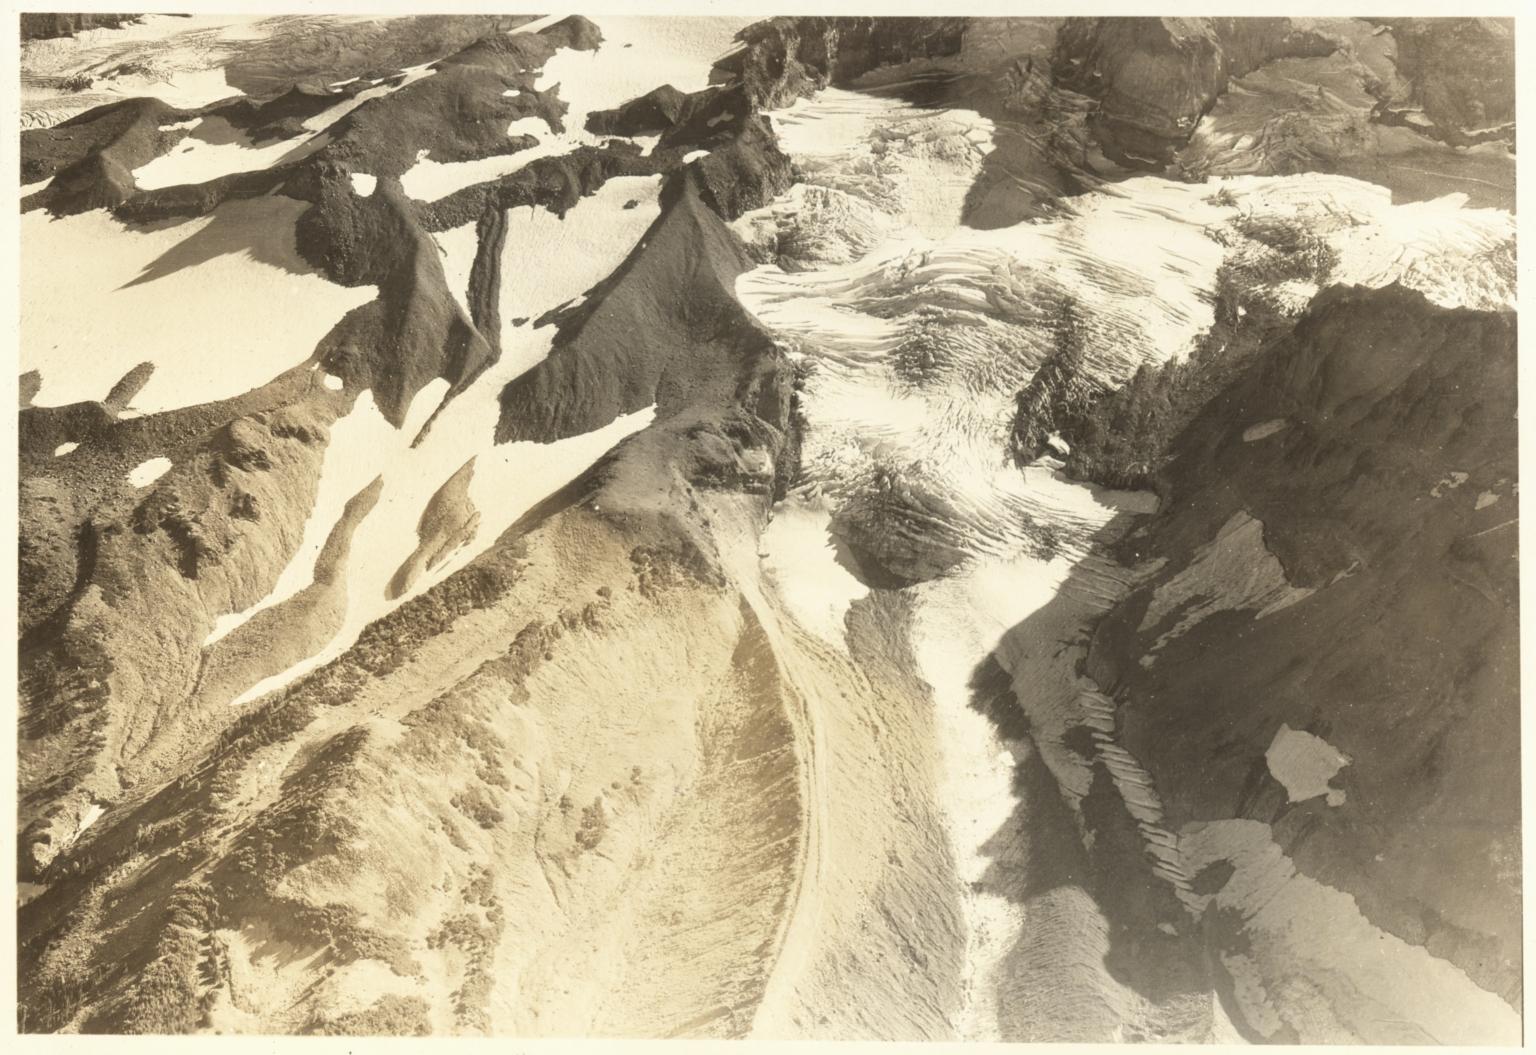 Coe Glacier, Oregon, United States